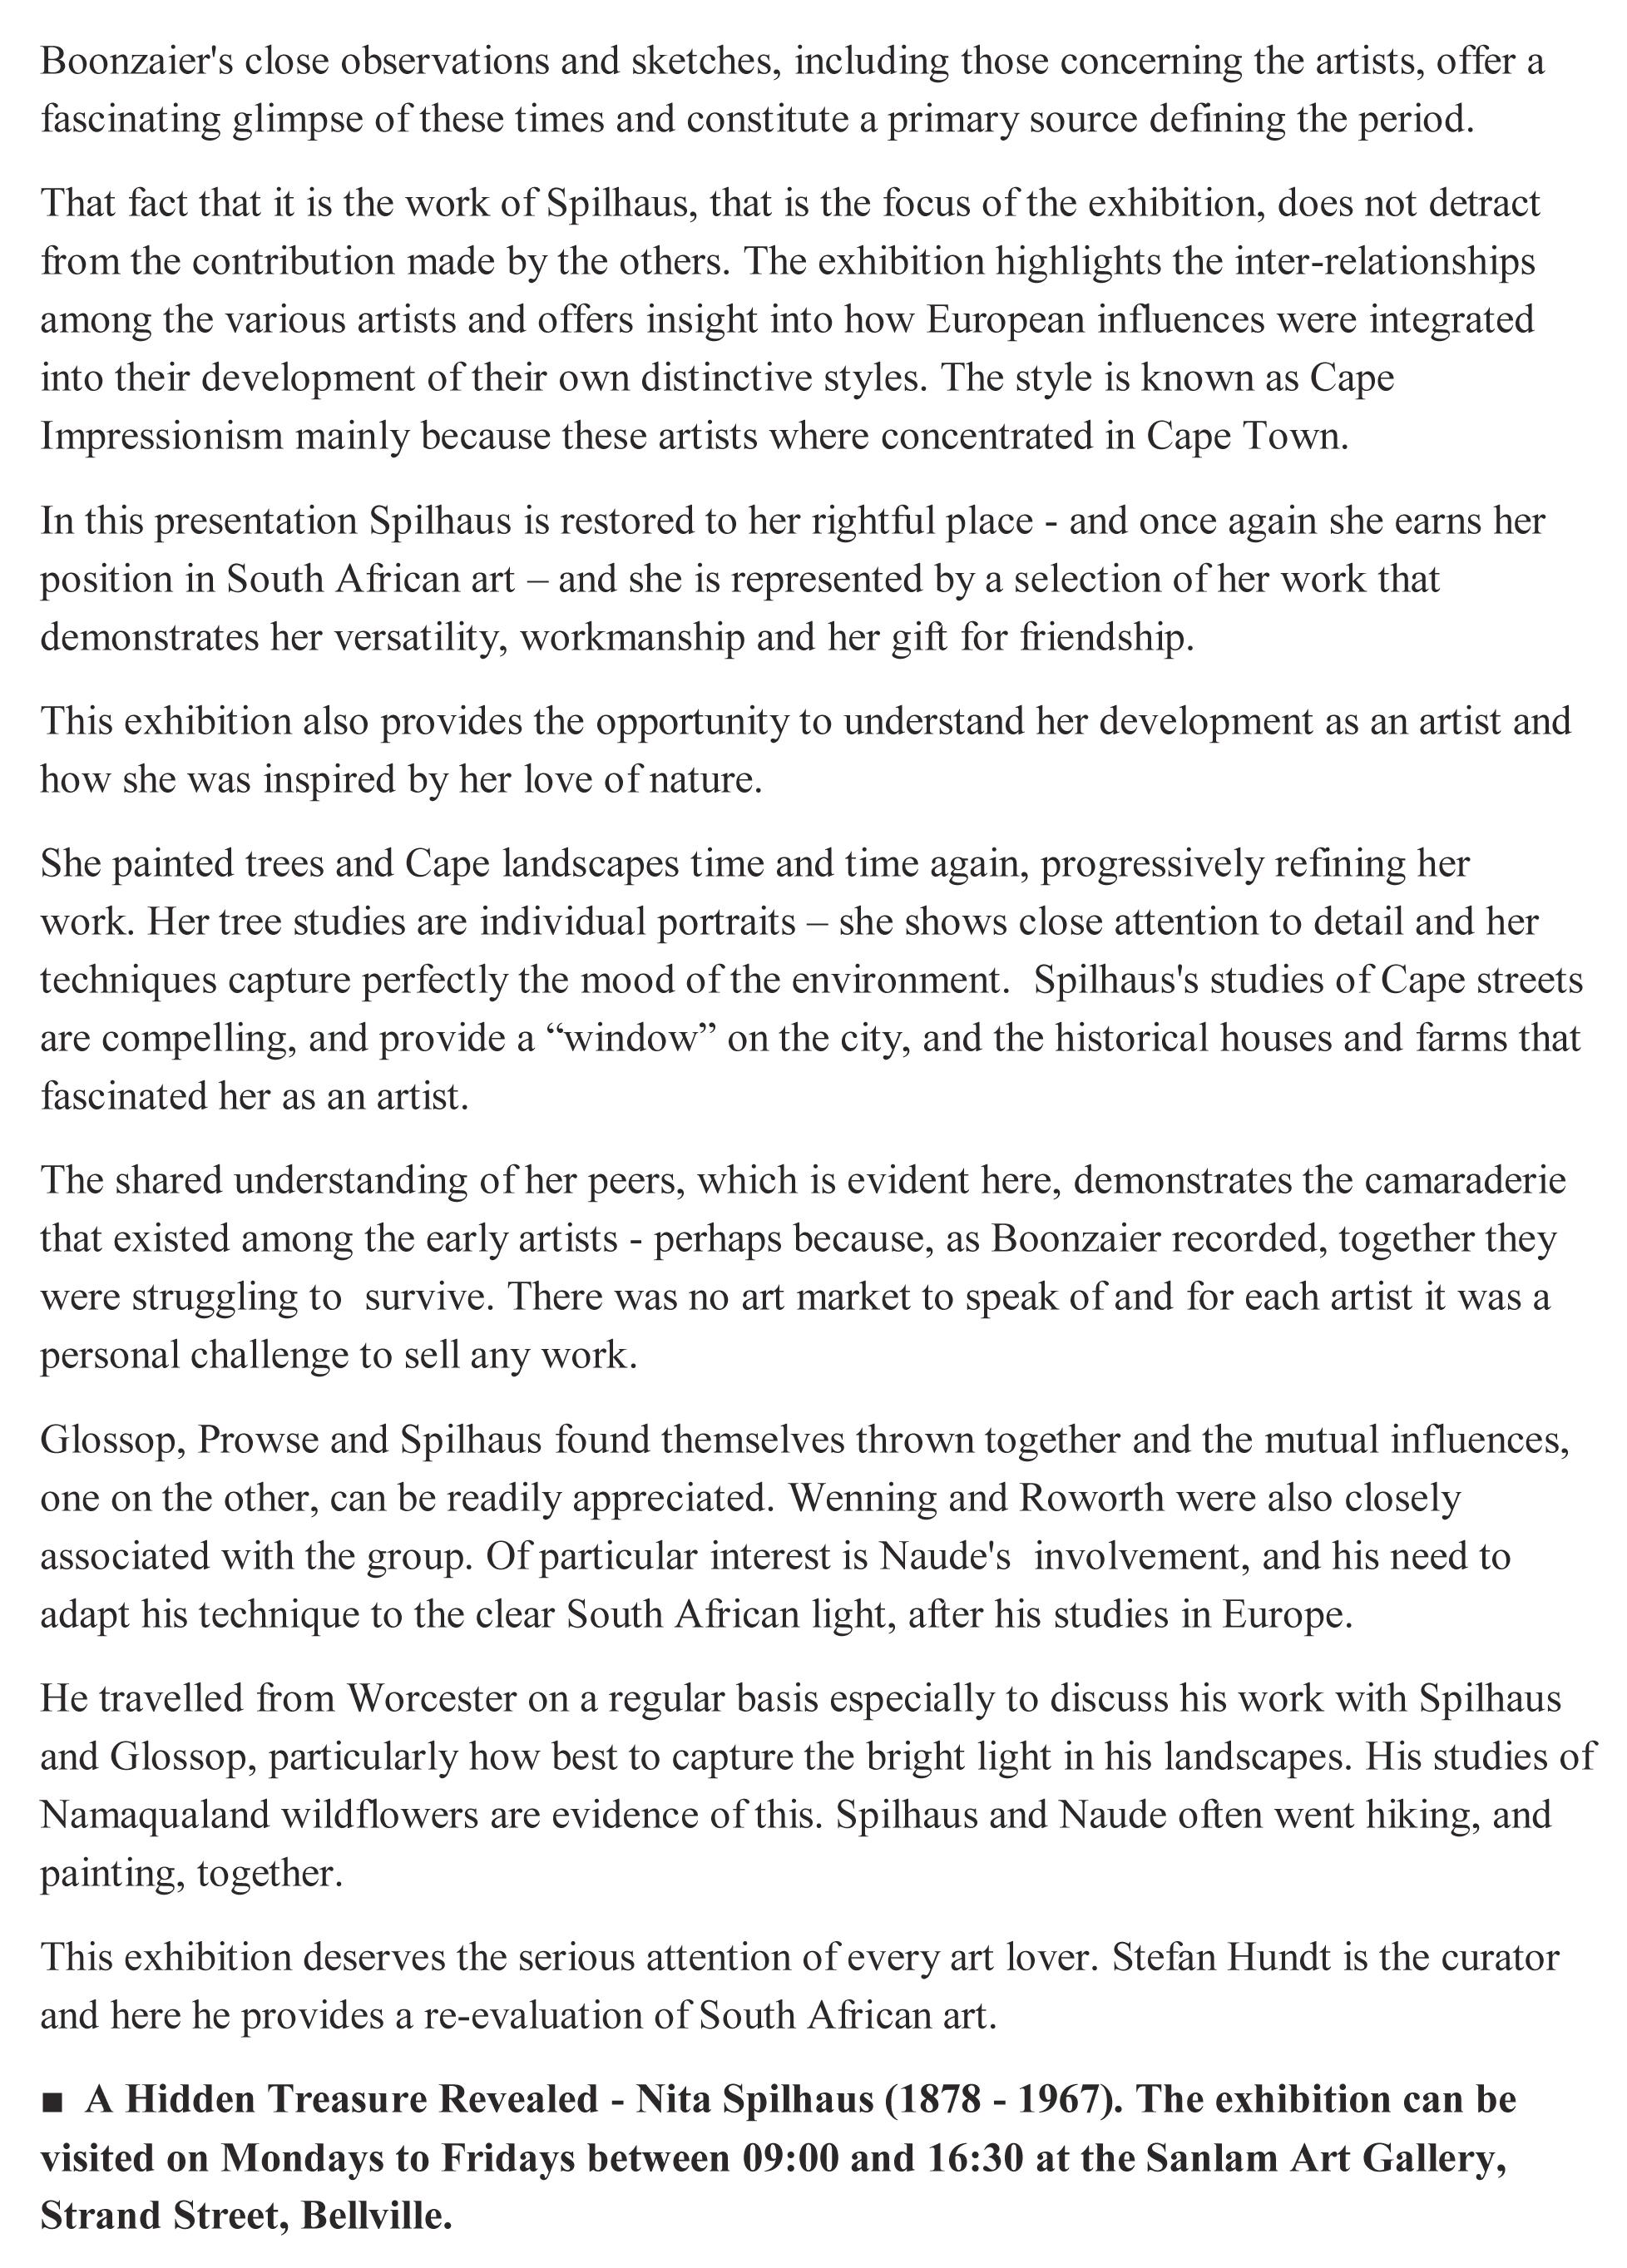 Page 2 Translation of article in Die Burger.jpg